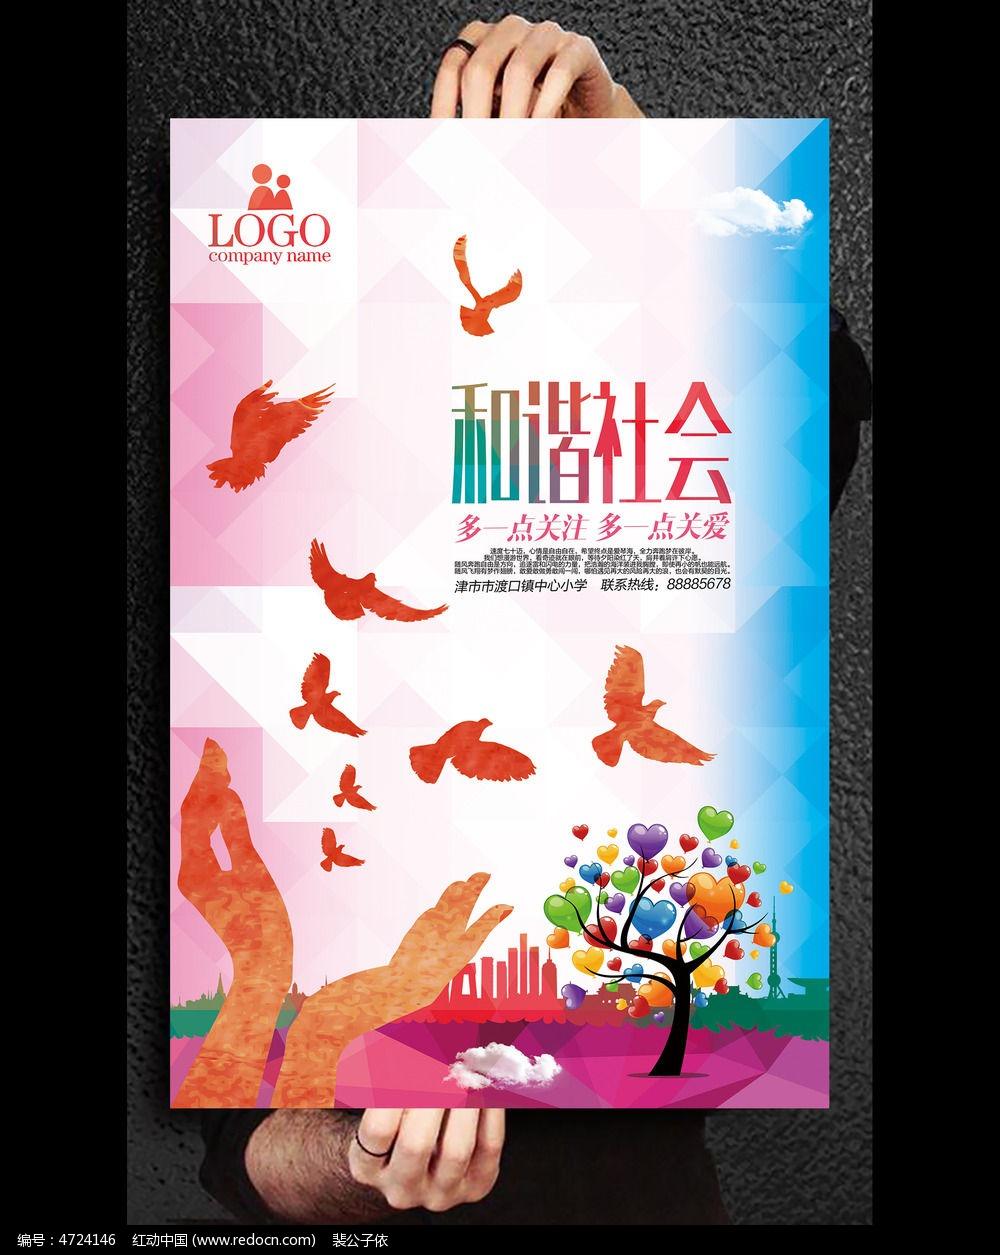 和谐社会宣传片_和谐社会公益活动海报设计_红动网